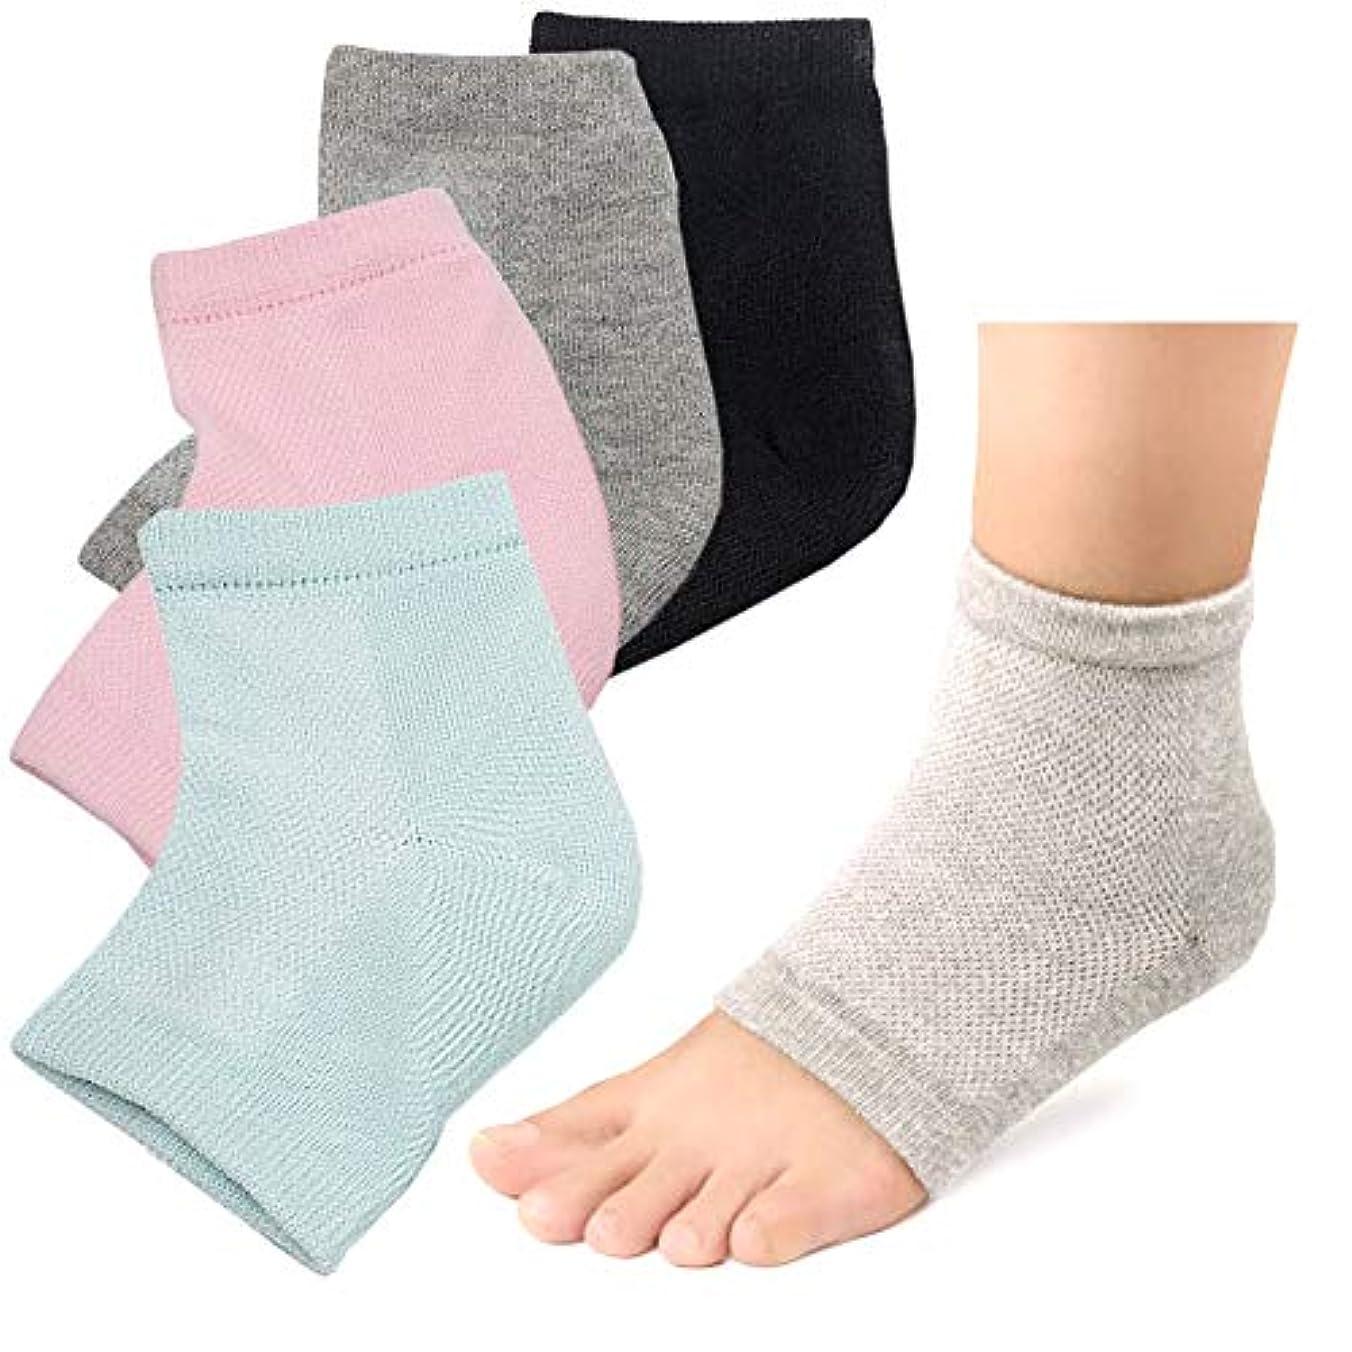 白鳥反響する分数かかと 靴下 ソックス つるつる 2足セット かかとケア かかとサポーター ひび割れ対策 角質ケア (グレー/グリーン)